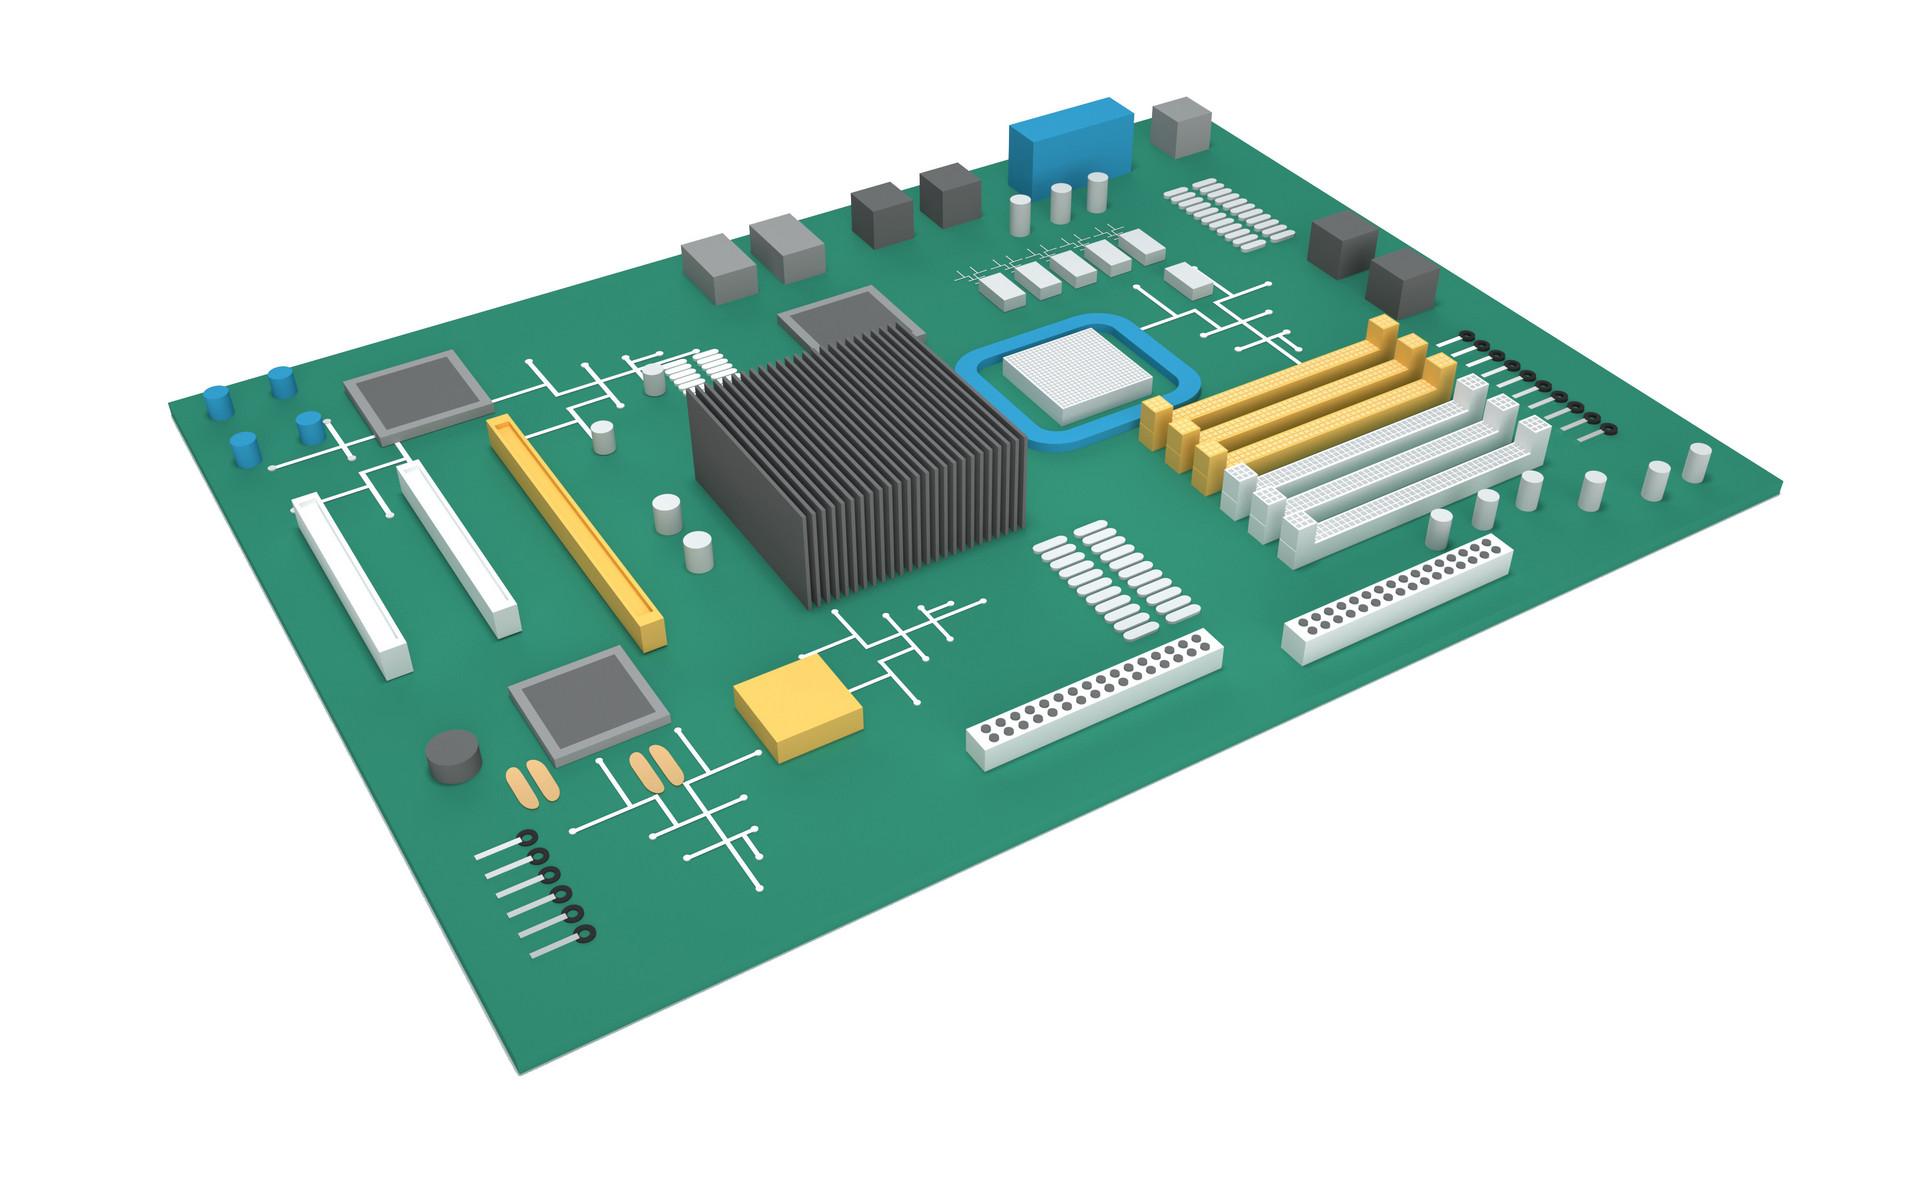 利用NI半导体测试系统(STS)软件的增强功能,进一步加速测试程序的开发,提高运营效率